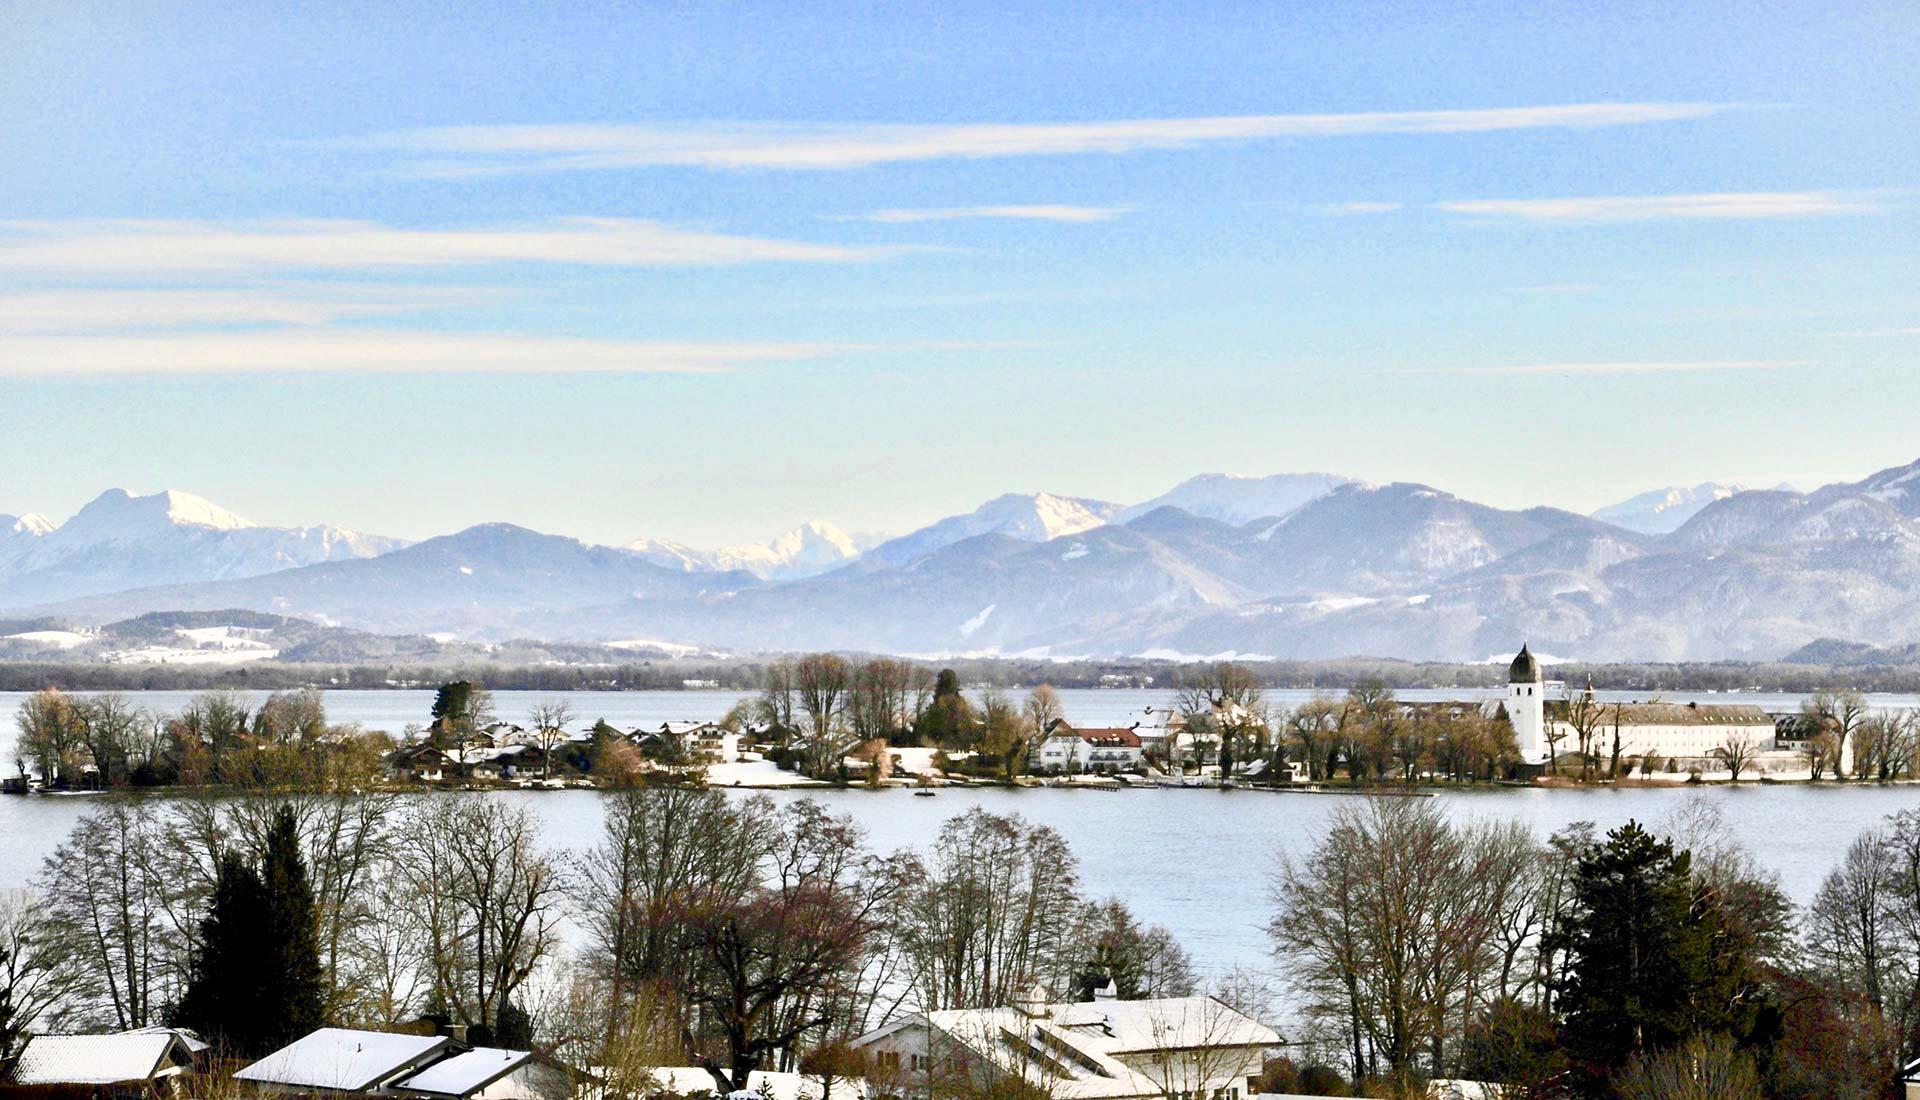 zuhaeusl-am-chiemsee-impressionen-winter-header